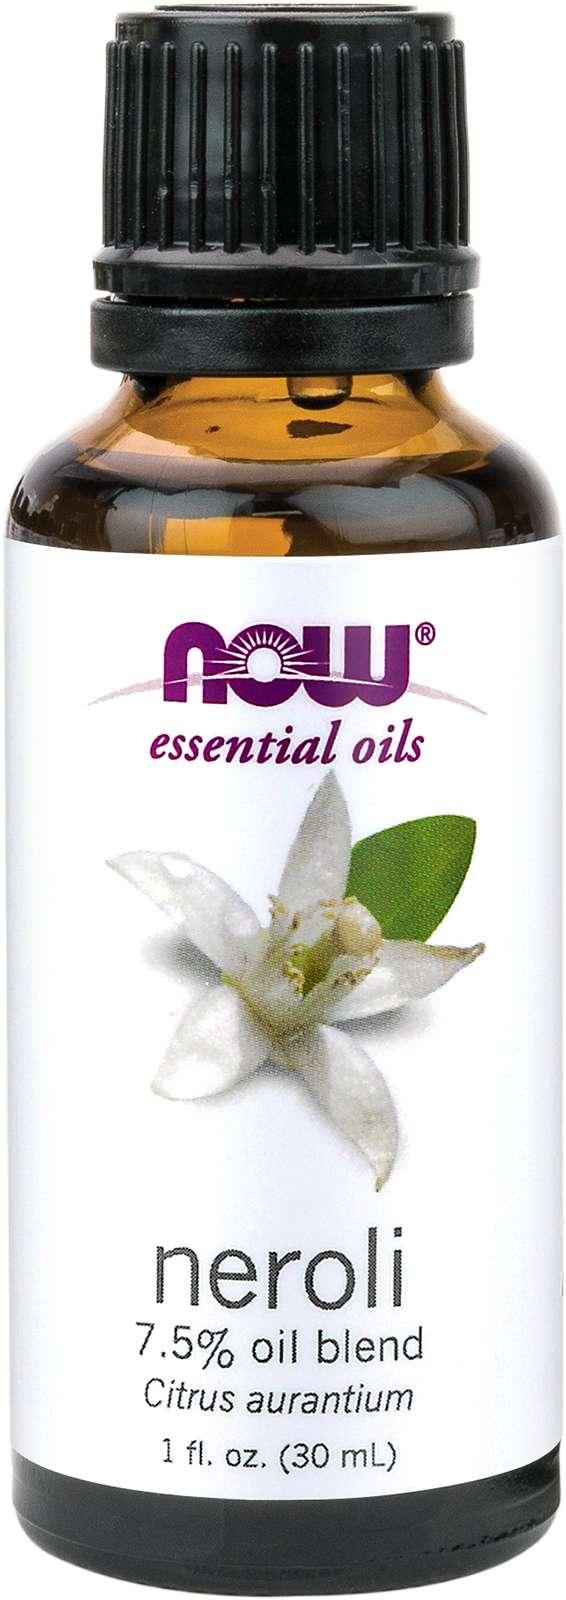 Neroli Oil 7.5% (Citrus aurantium) 30mL